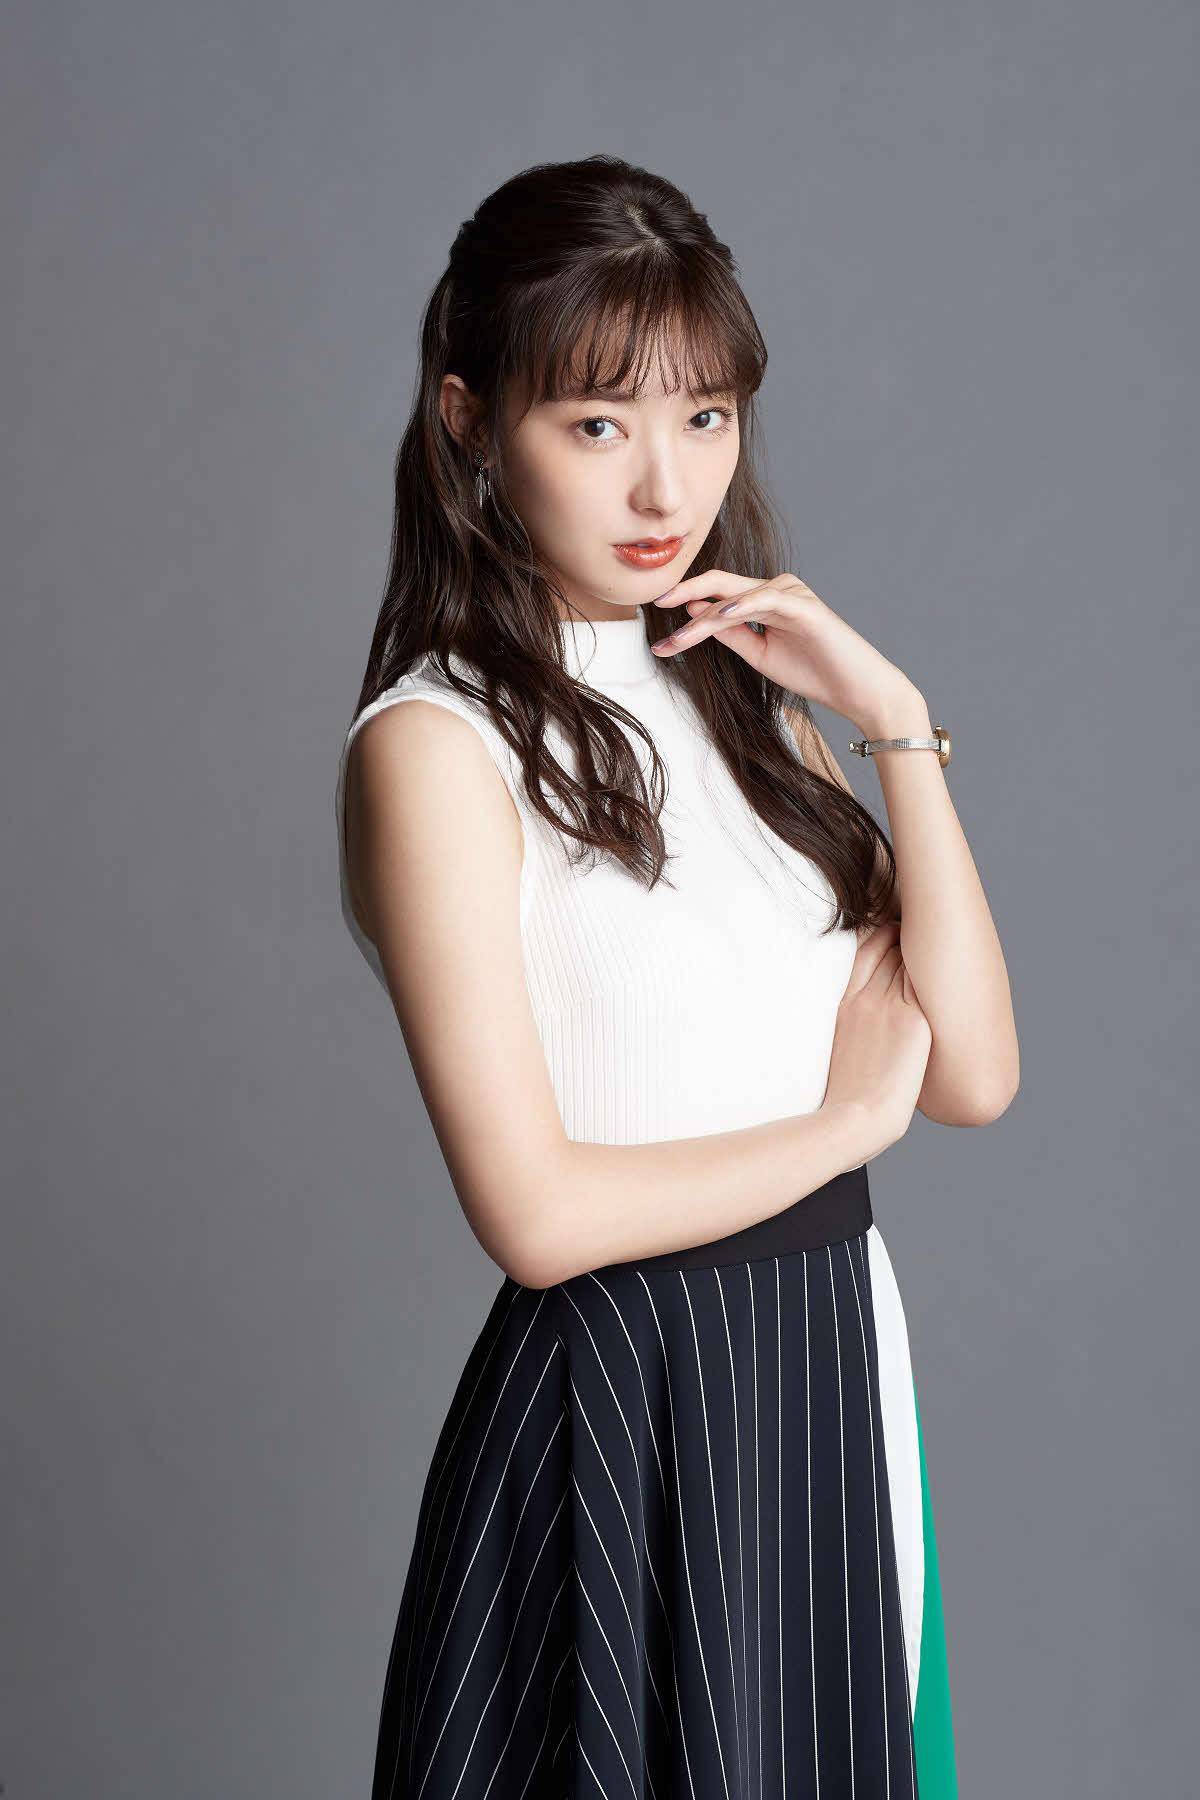 テレビ朝日系連続ドラマ「妖怪シェアハウス」で小悪魔編集者を演じる宮本茉由